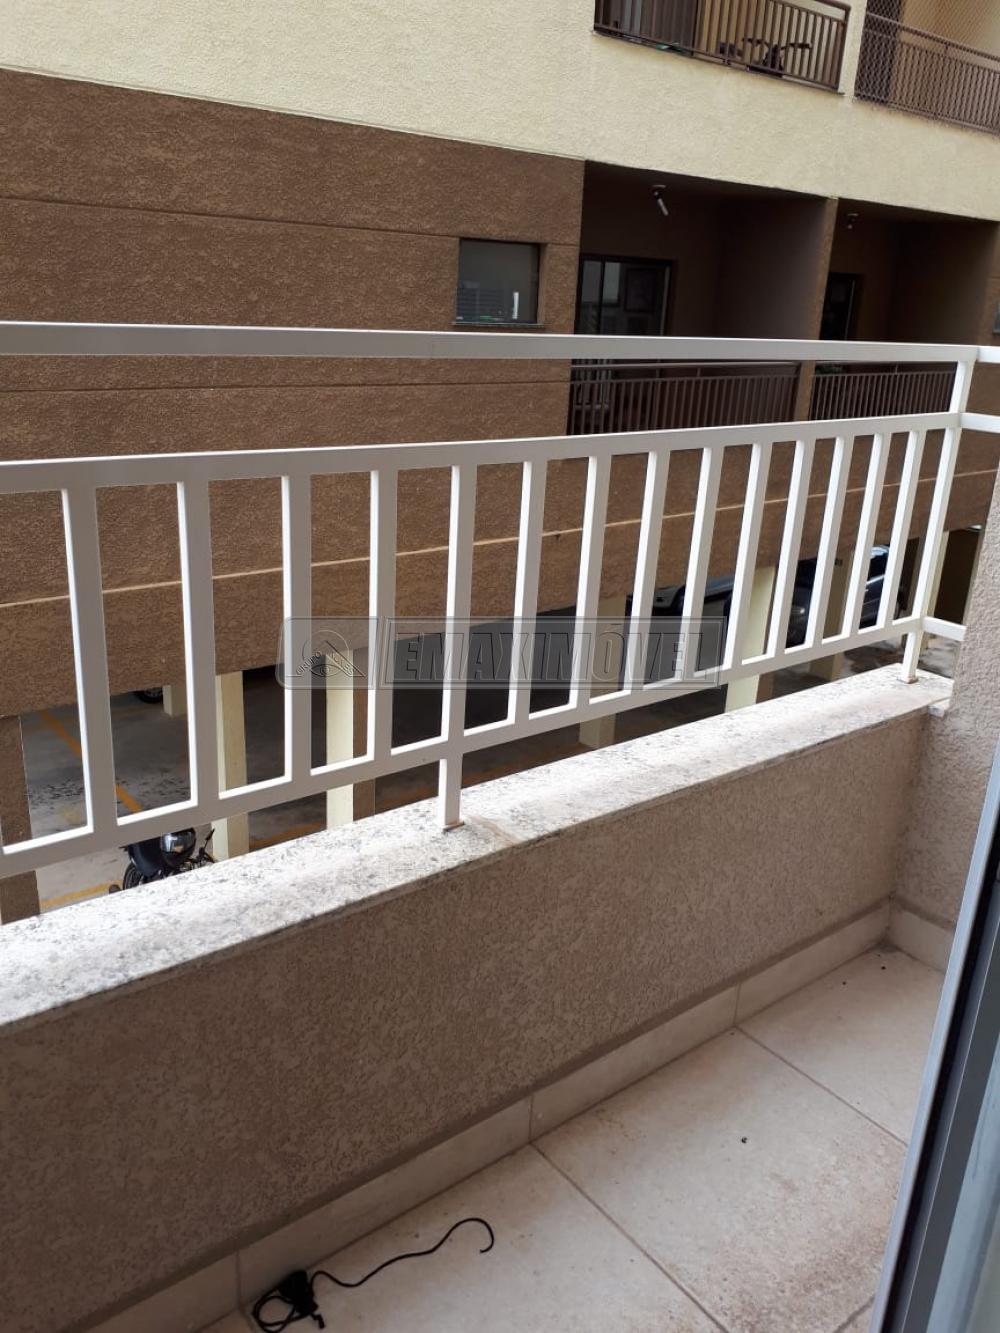 Alugar Apartamentos / Apto Padrão em Sorocaba R$ 900,00 - Foto 7